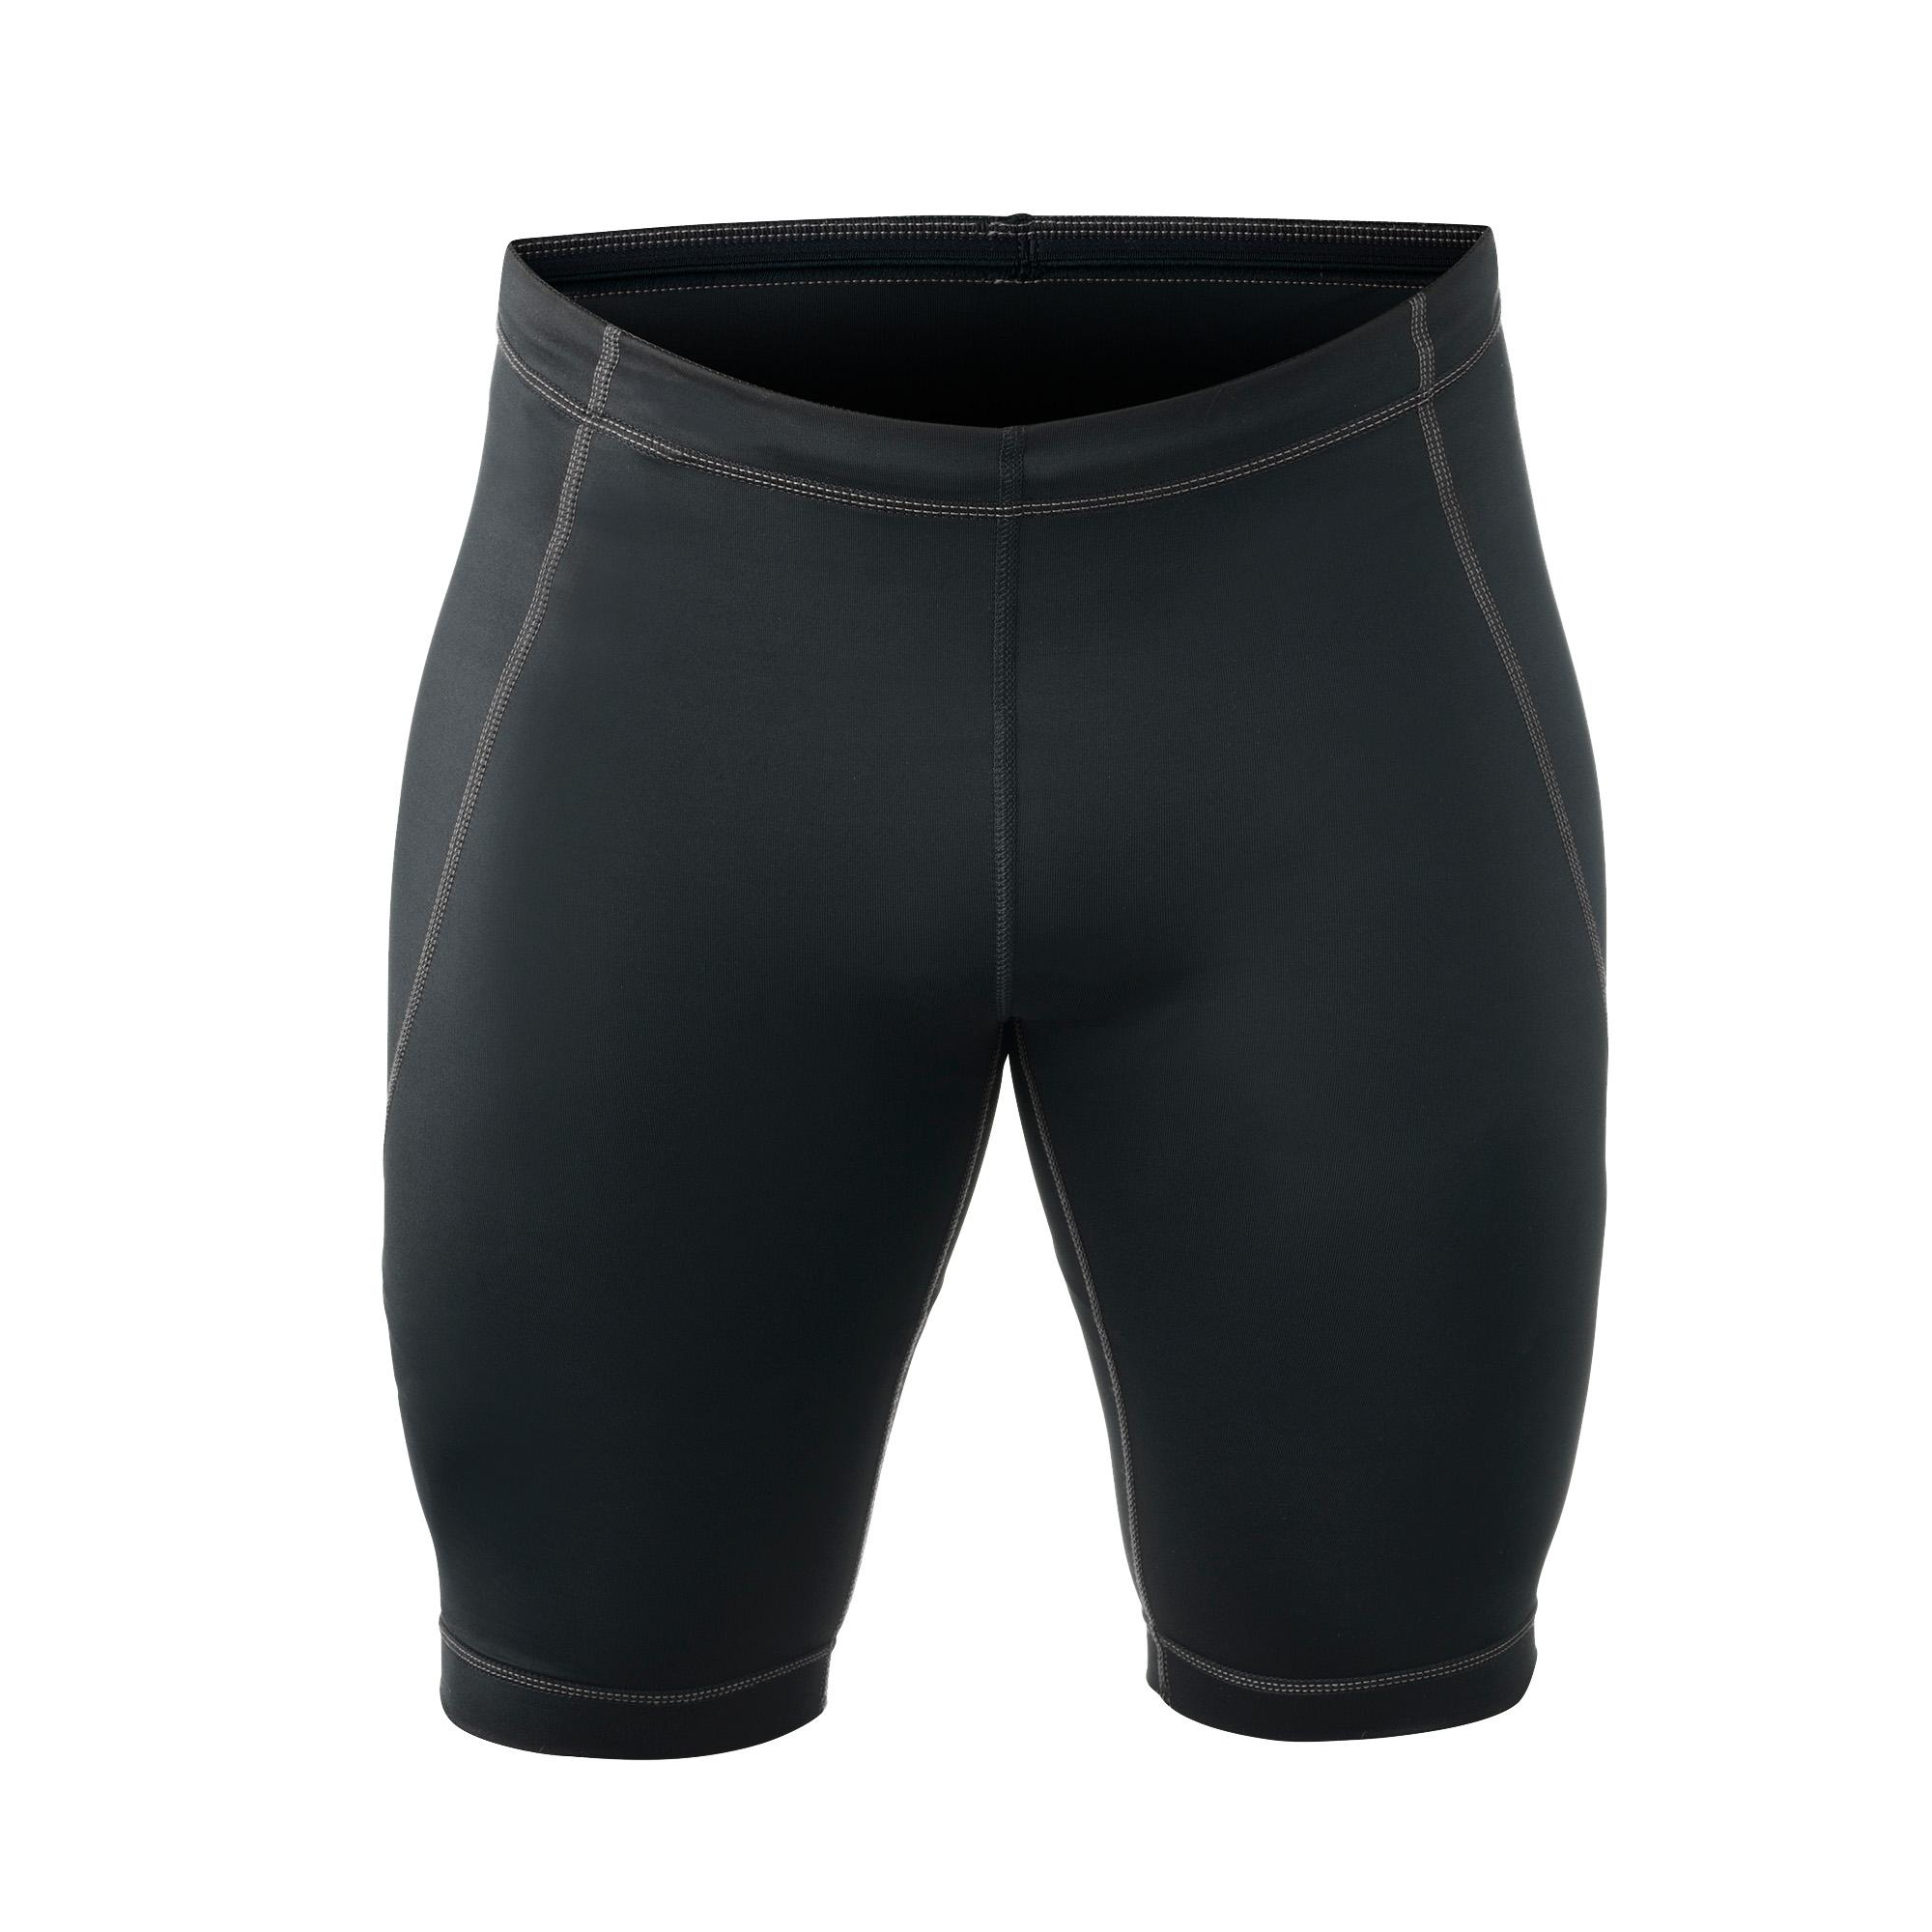 Rehband QD Compressie Shorts - Heren - Zwart - XXXL